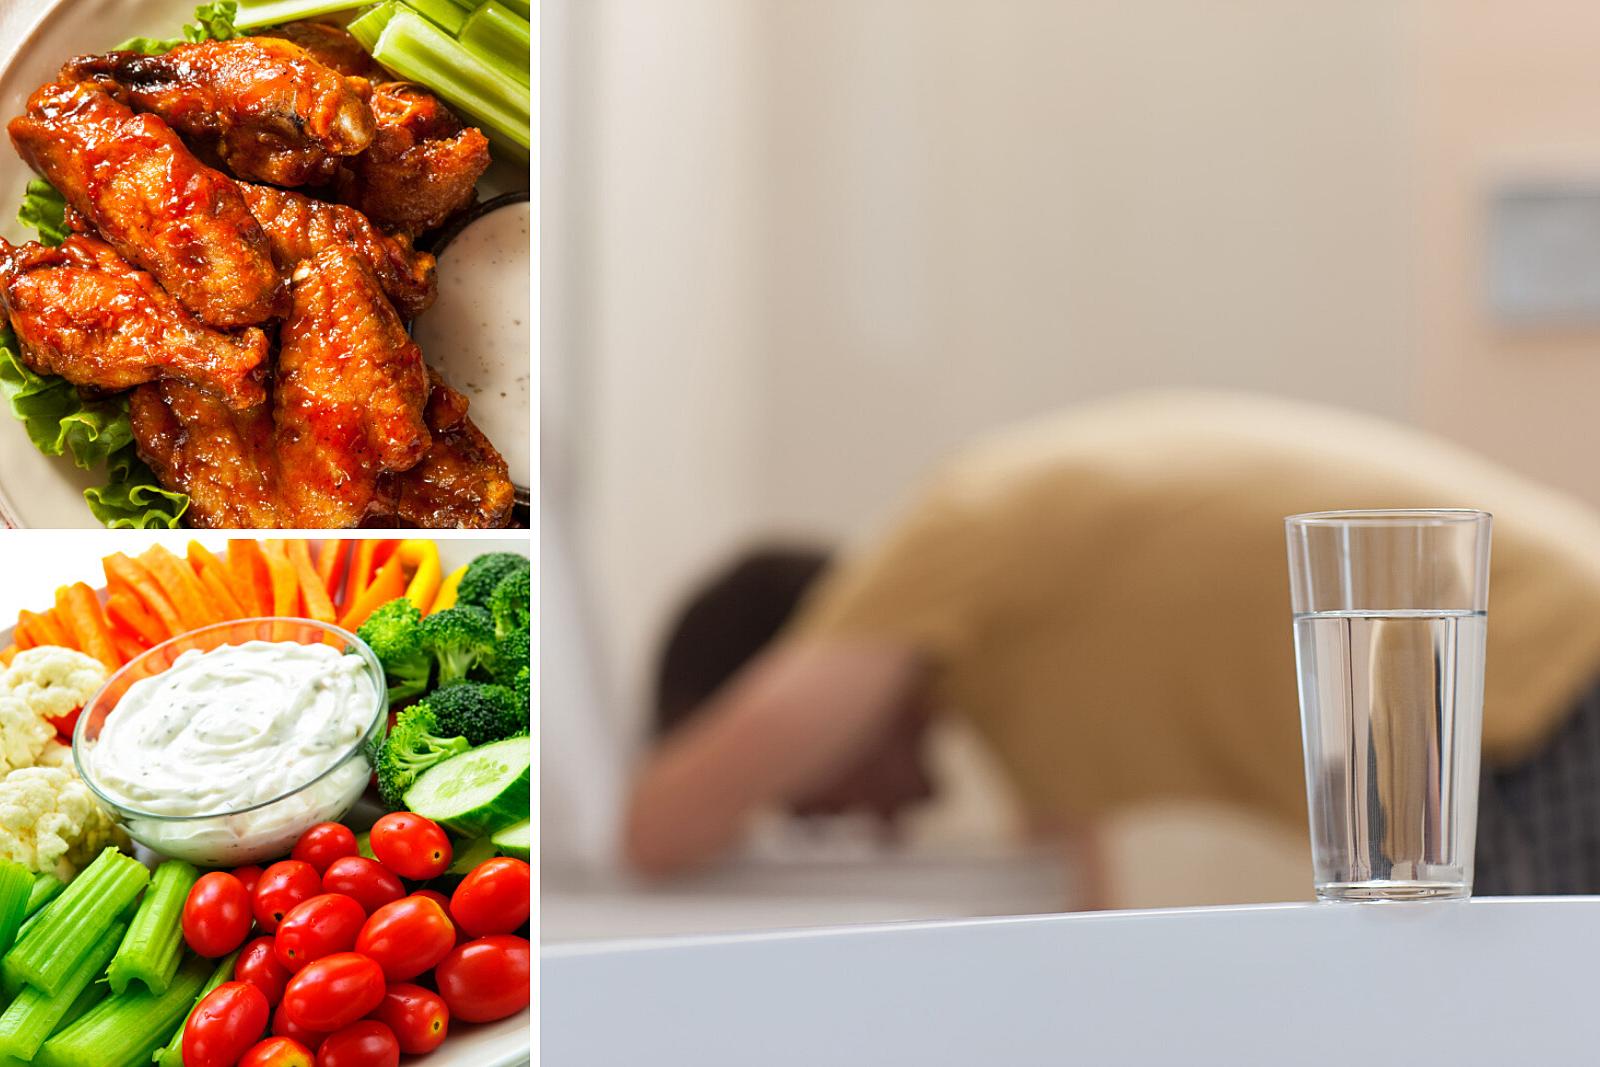 Food & food poisoning